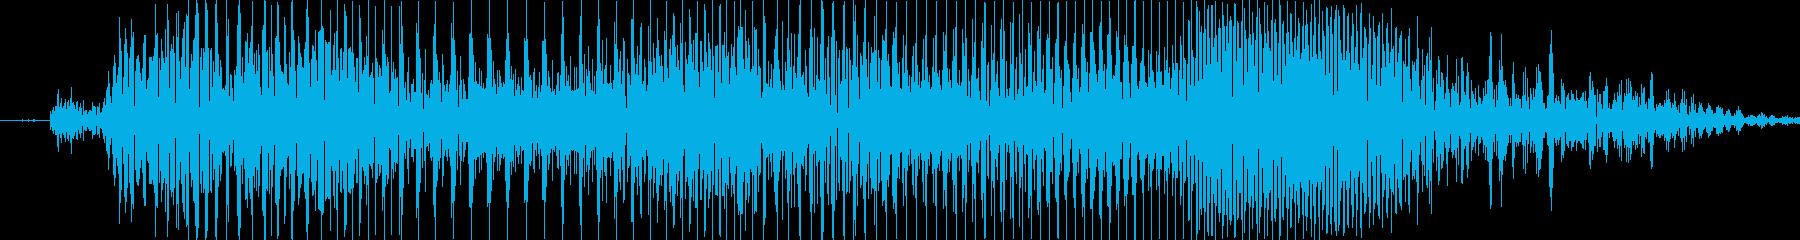 ていっ!の再生済みの波形